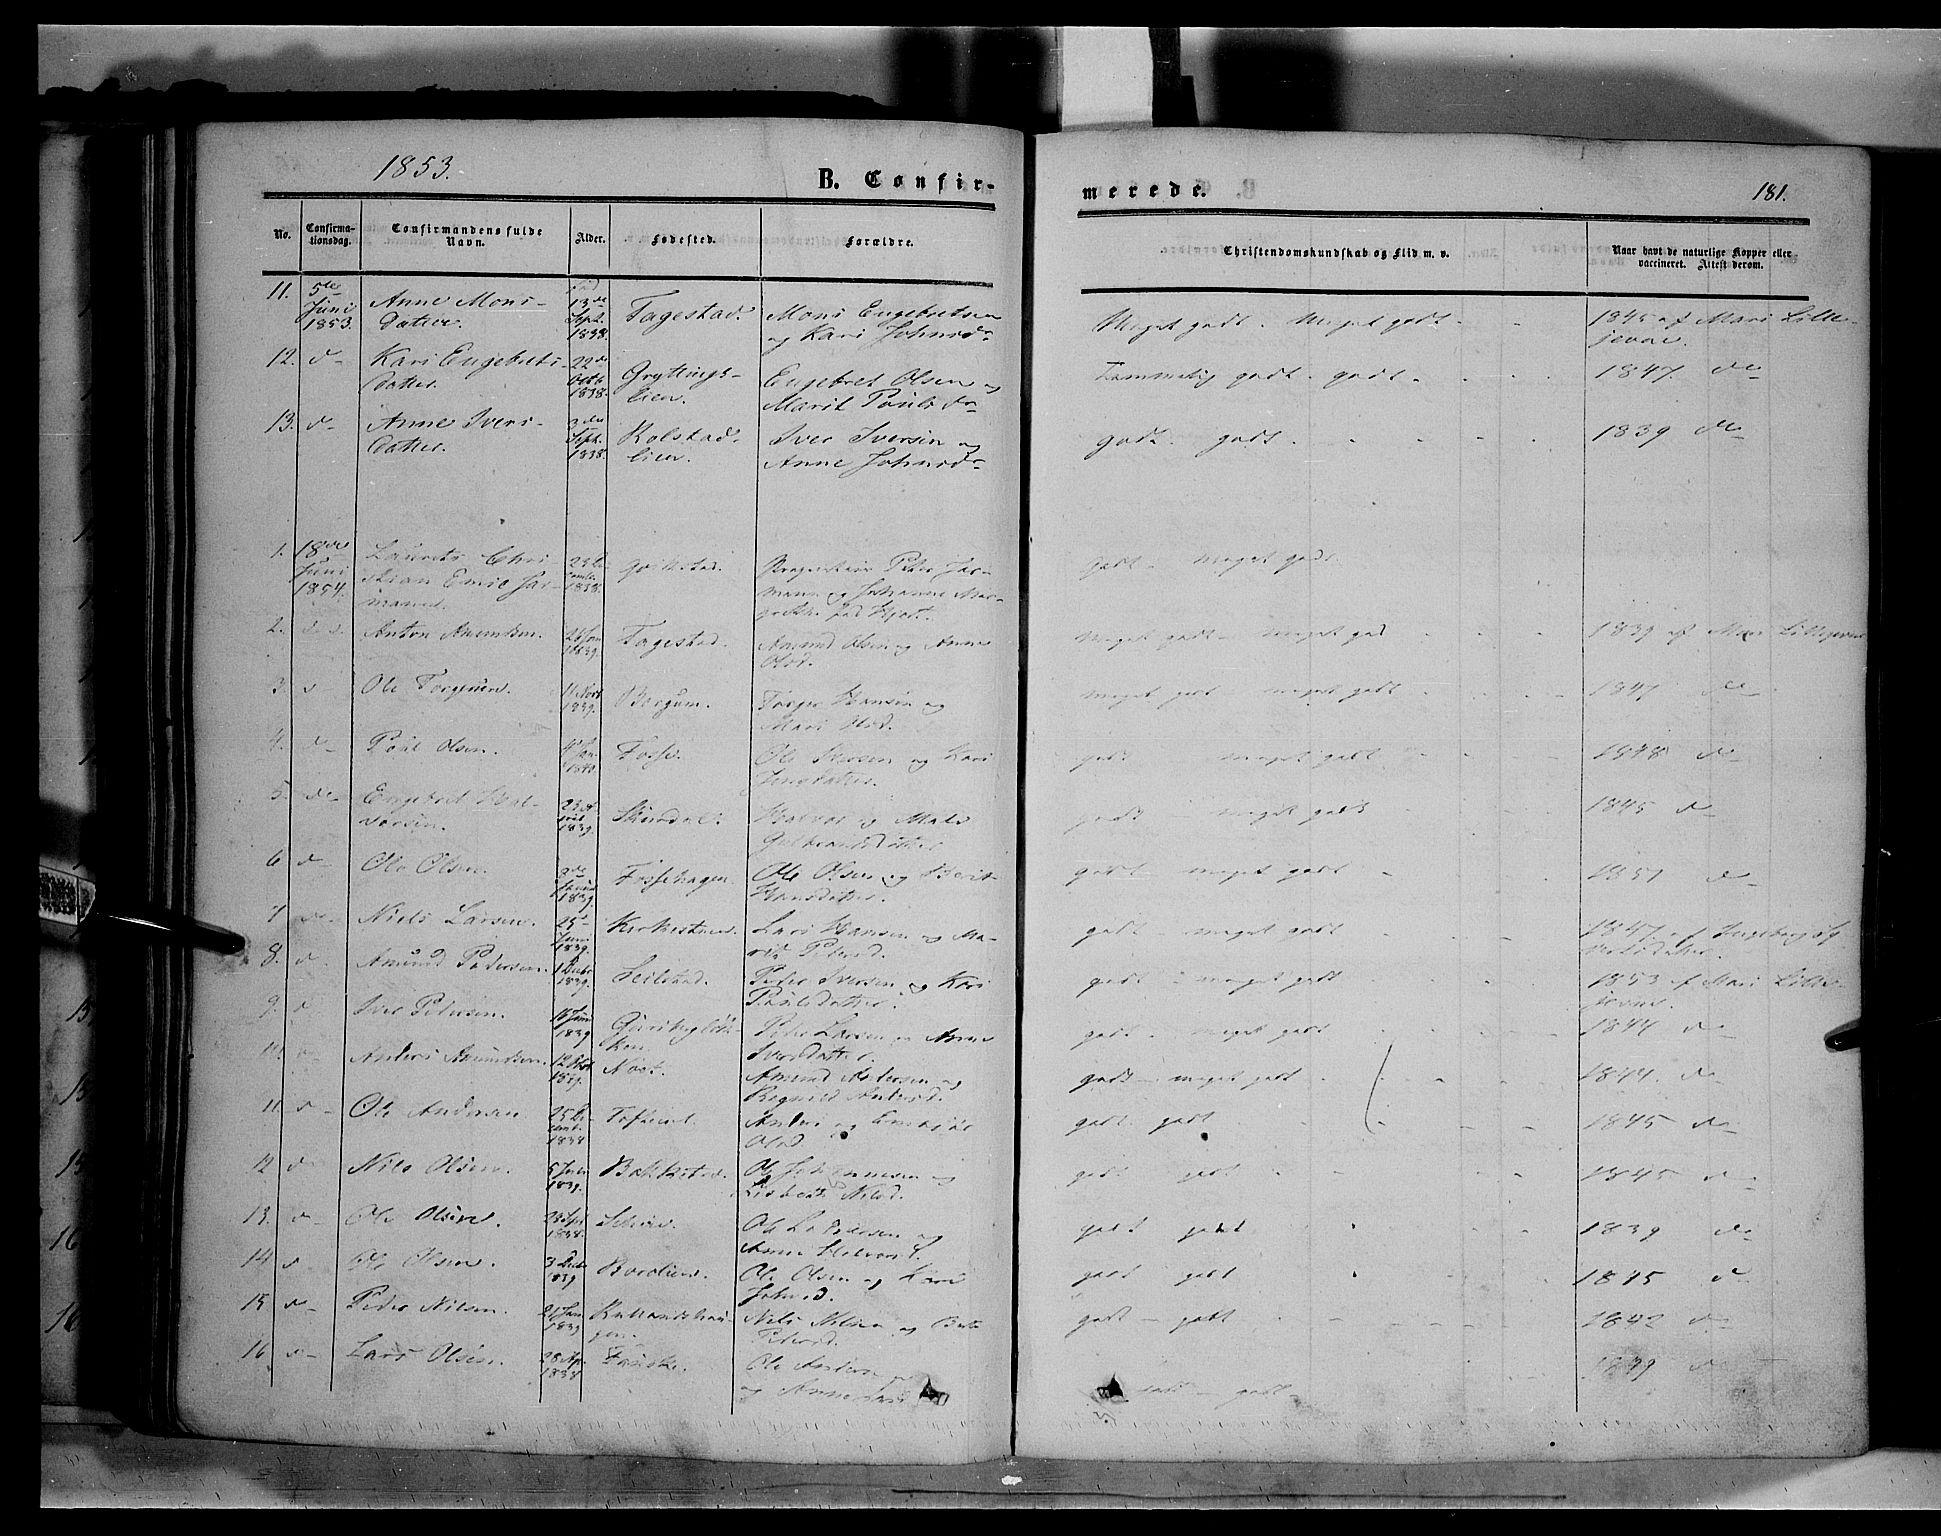 SAH, Sør-Fron prestekontor, H/Ha/Haa/L0001: Ministerialbok nr. 1, 1849-1863, s. 181